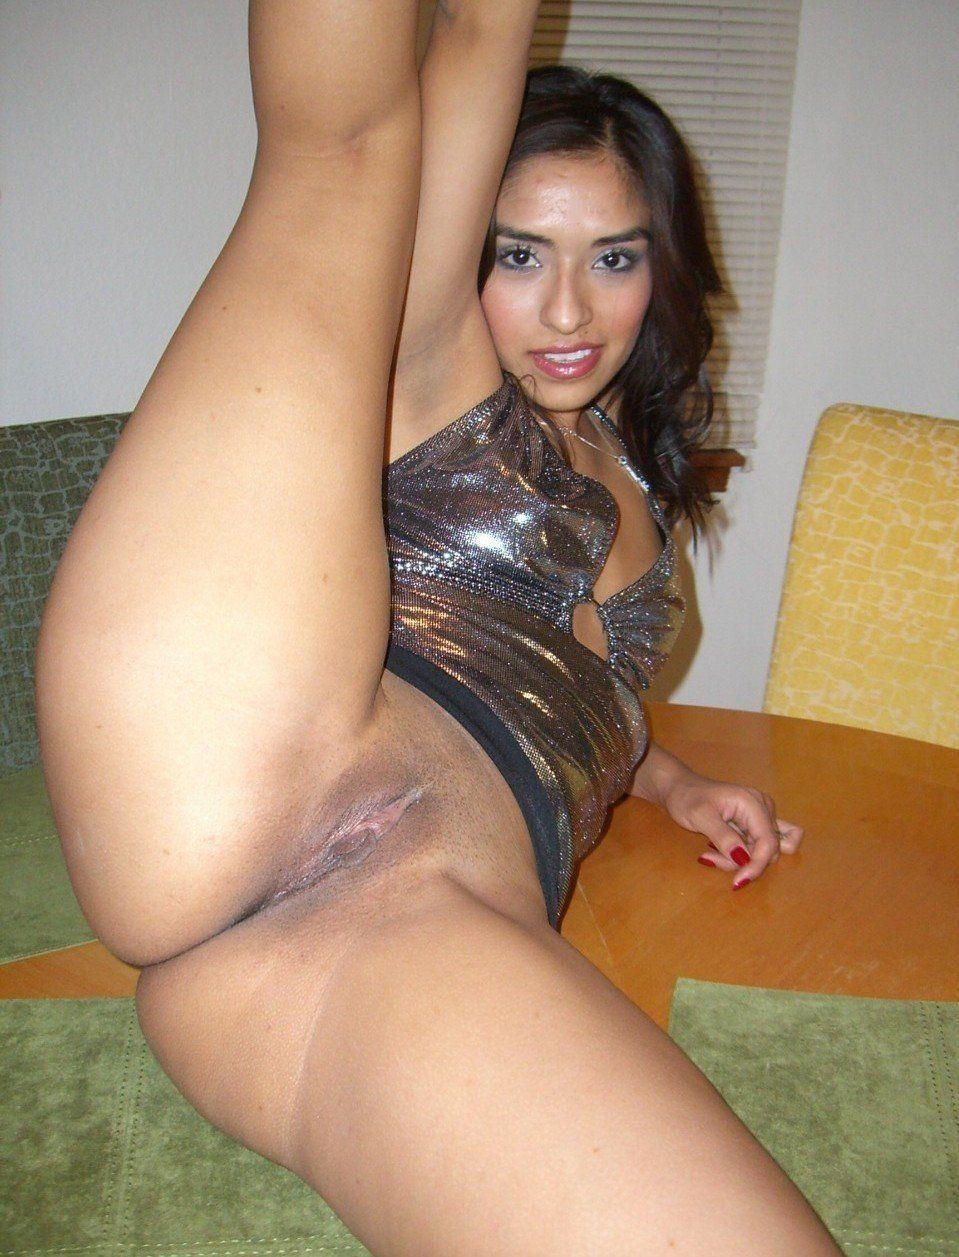 Naturally beautiful sexy women